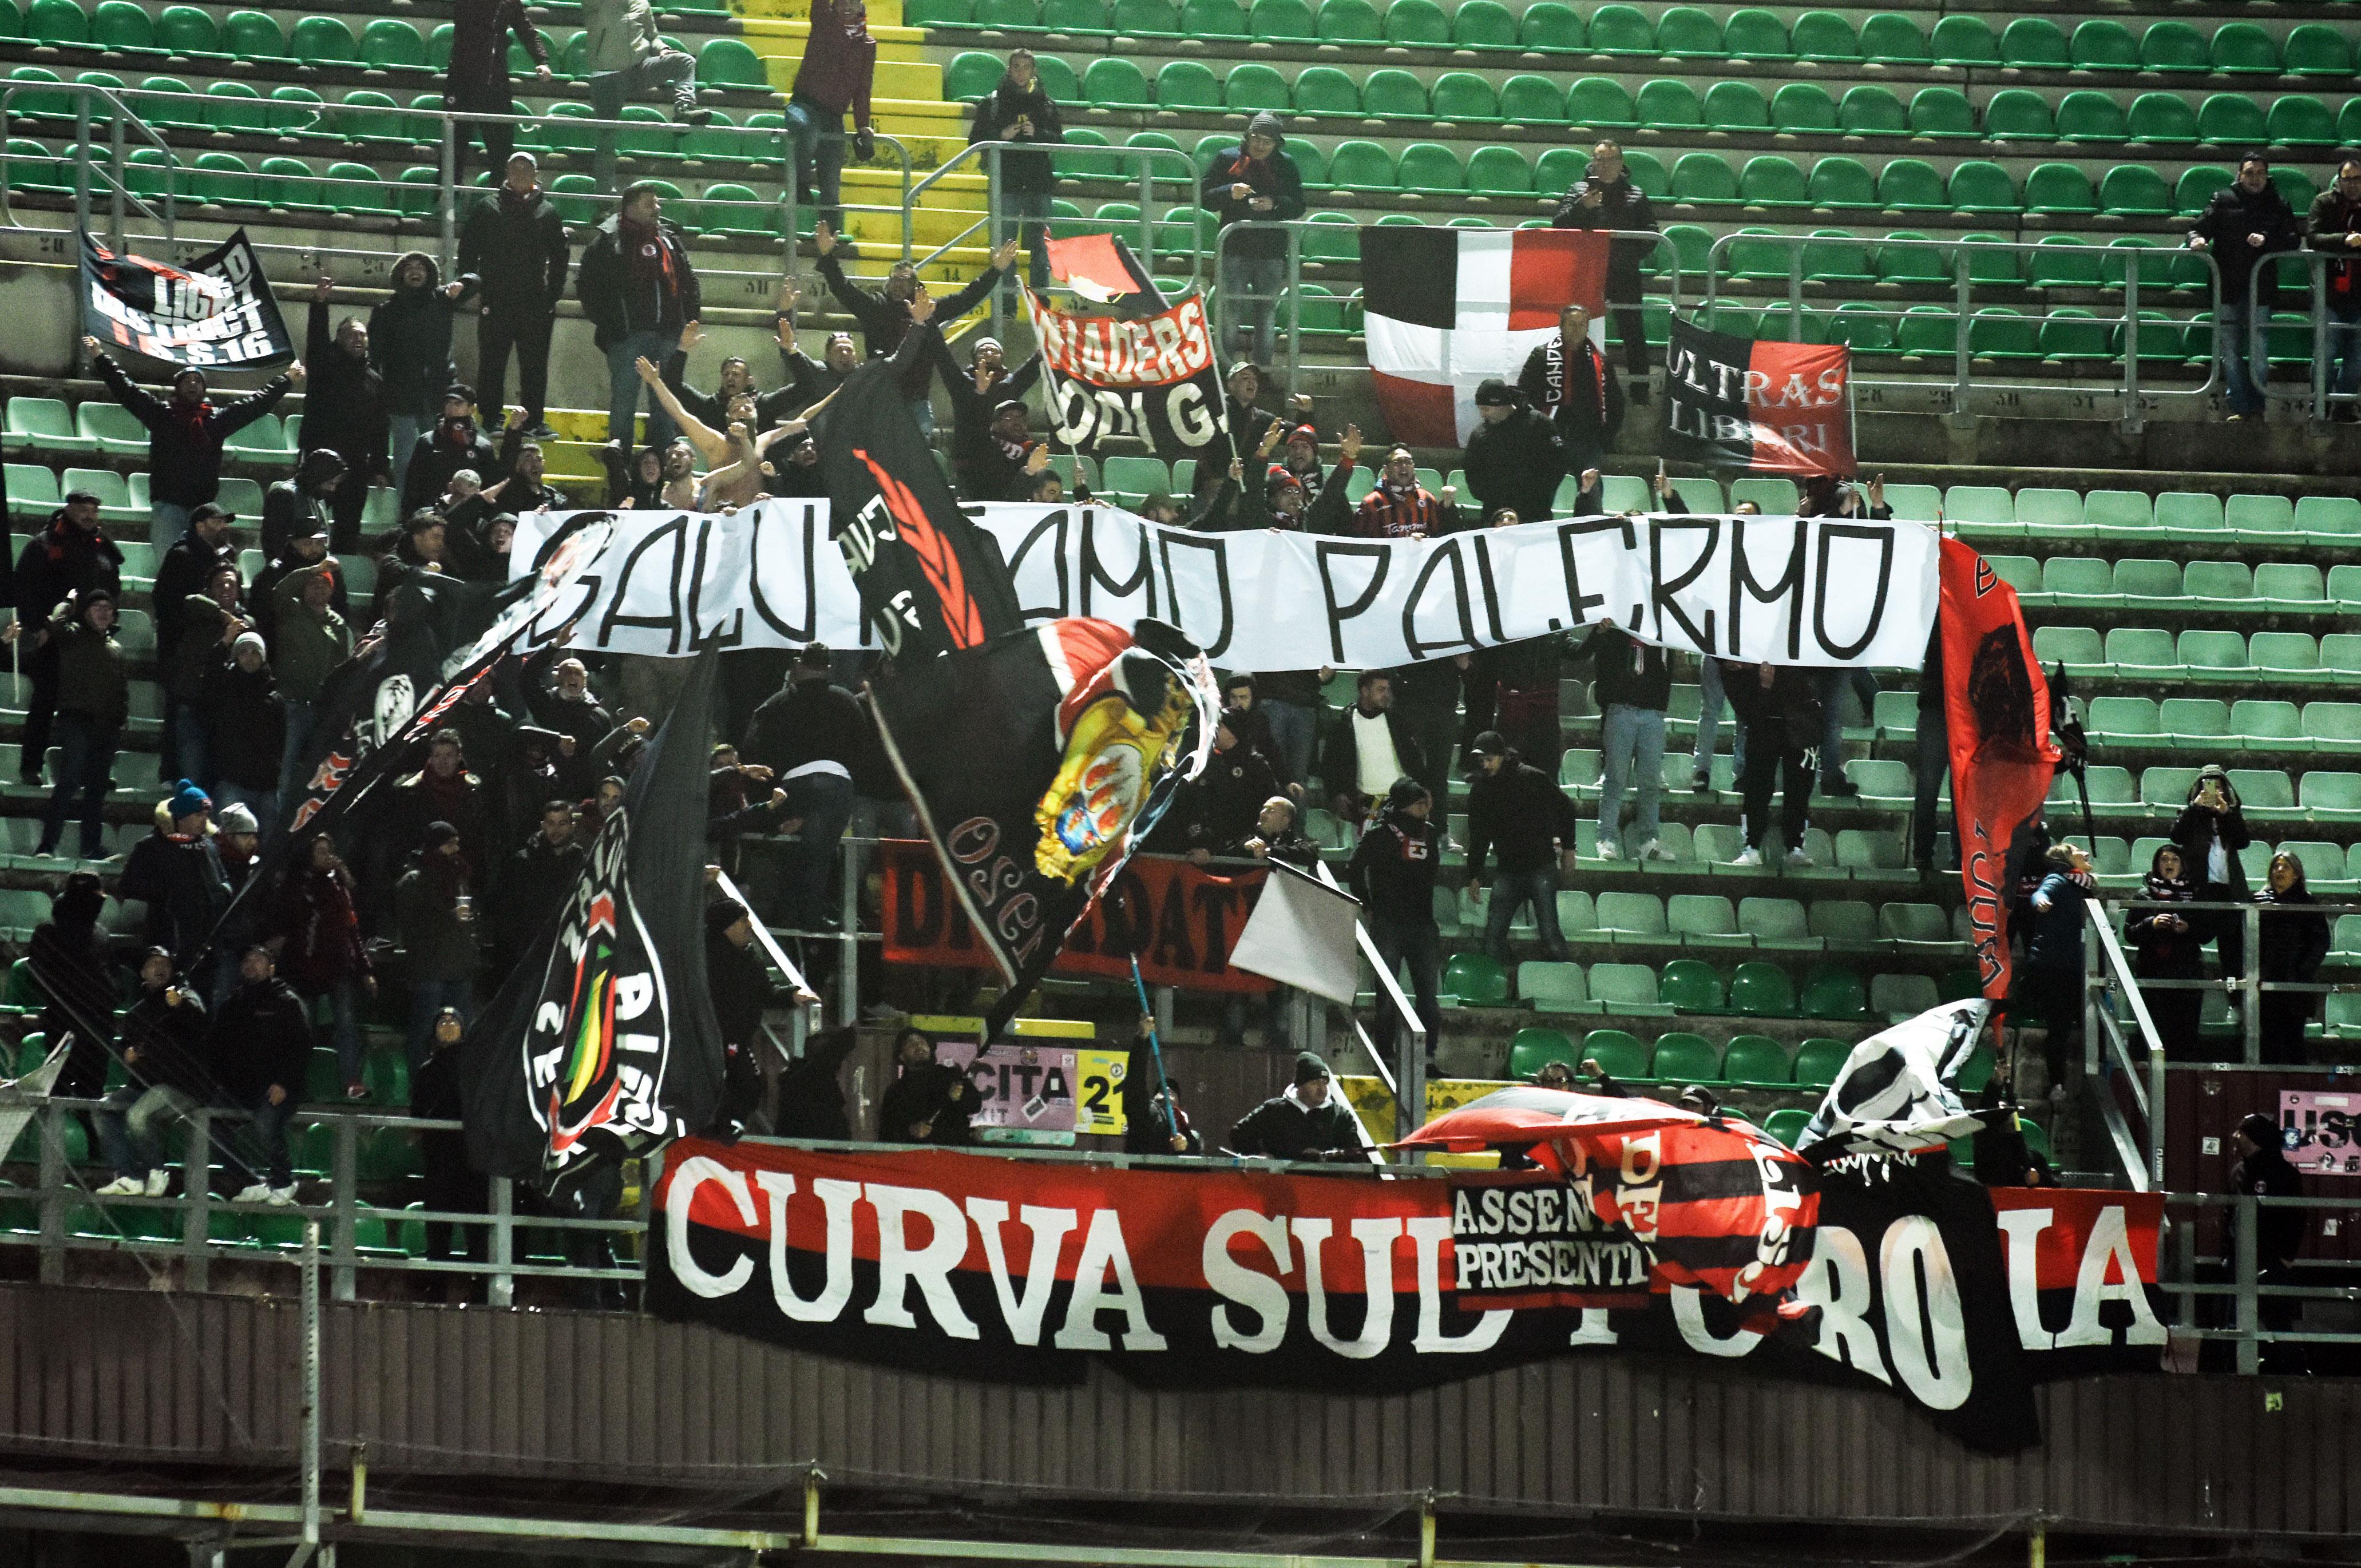 """I tifosi tornano al Barbera (nuovo record stagionale), ma Palermo – Foggia, nonostante la sconfitta, è stata anche l'occasione per rinsaldare il gemellaggio pluri-decennale tra la tifoseria pugliese e quella rosanero, presente in Curva Nord con lo striscione """"Perché il Palermo è la squadra che amiamo"""". LE PAGELLE DI PALERMO – FOGGIA A metà del primo tempo, viene esposto dalla tifoseria ospite lo striscione """"Salutiamo Palermo"""", accolto prontamente dagli applausi del pubblico palermitano presente al Barbera. BIGLIETTI PALERMO – FOGGIA: OLTRE 13 MILA AL BARBERA Quello dei tifosi pugliesi non è stato però l'unico momento da segnalare sugli spalti: oltre"""